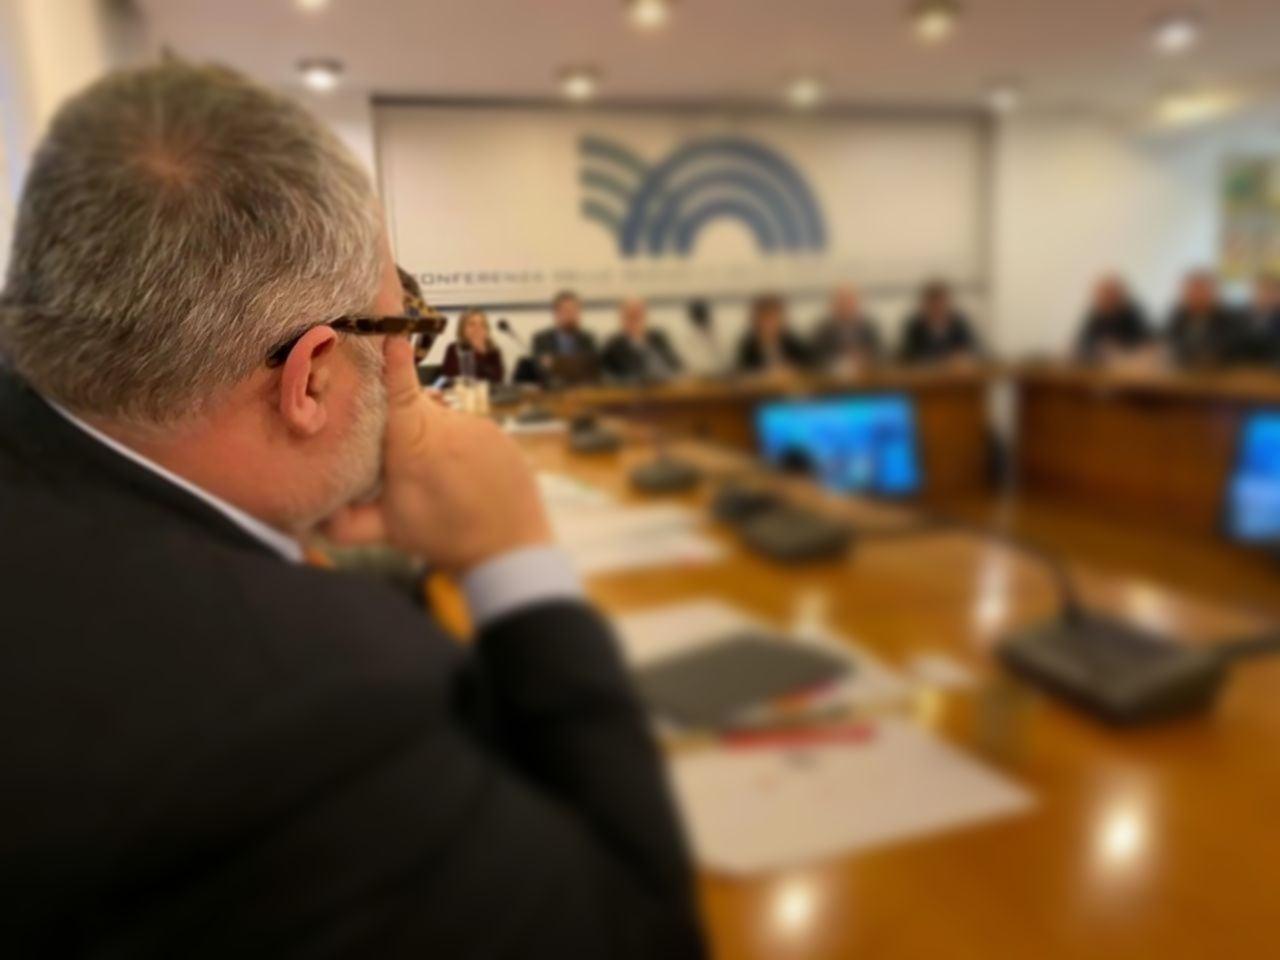 Gli assessori all'innovazione e al digitale hanno incontrato il ministro Paola Pisano